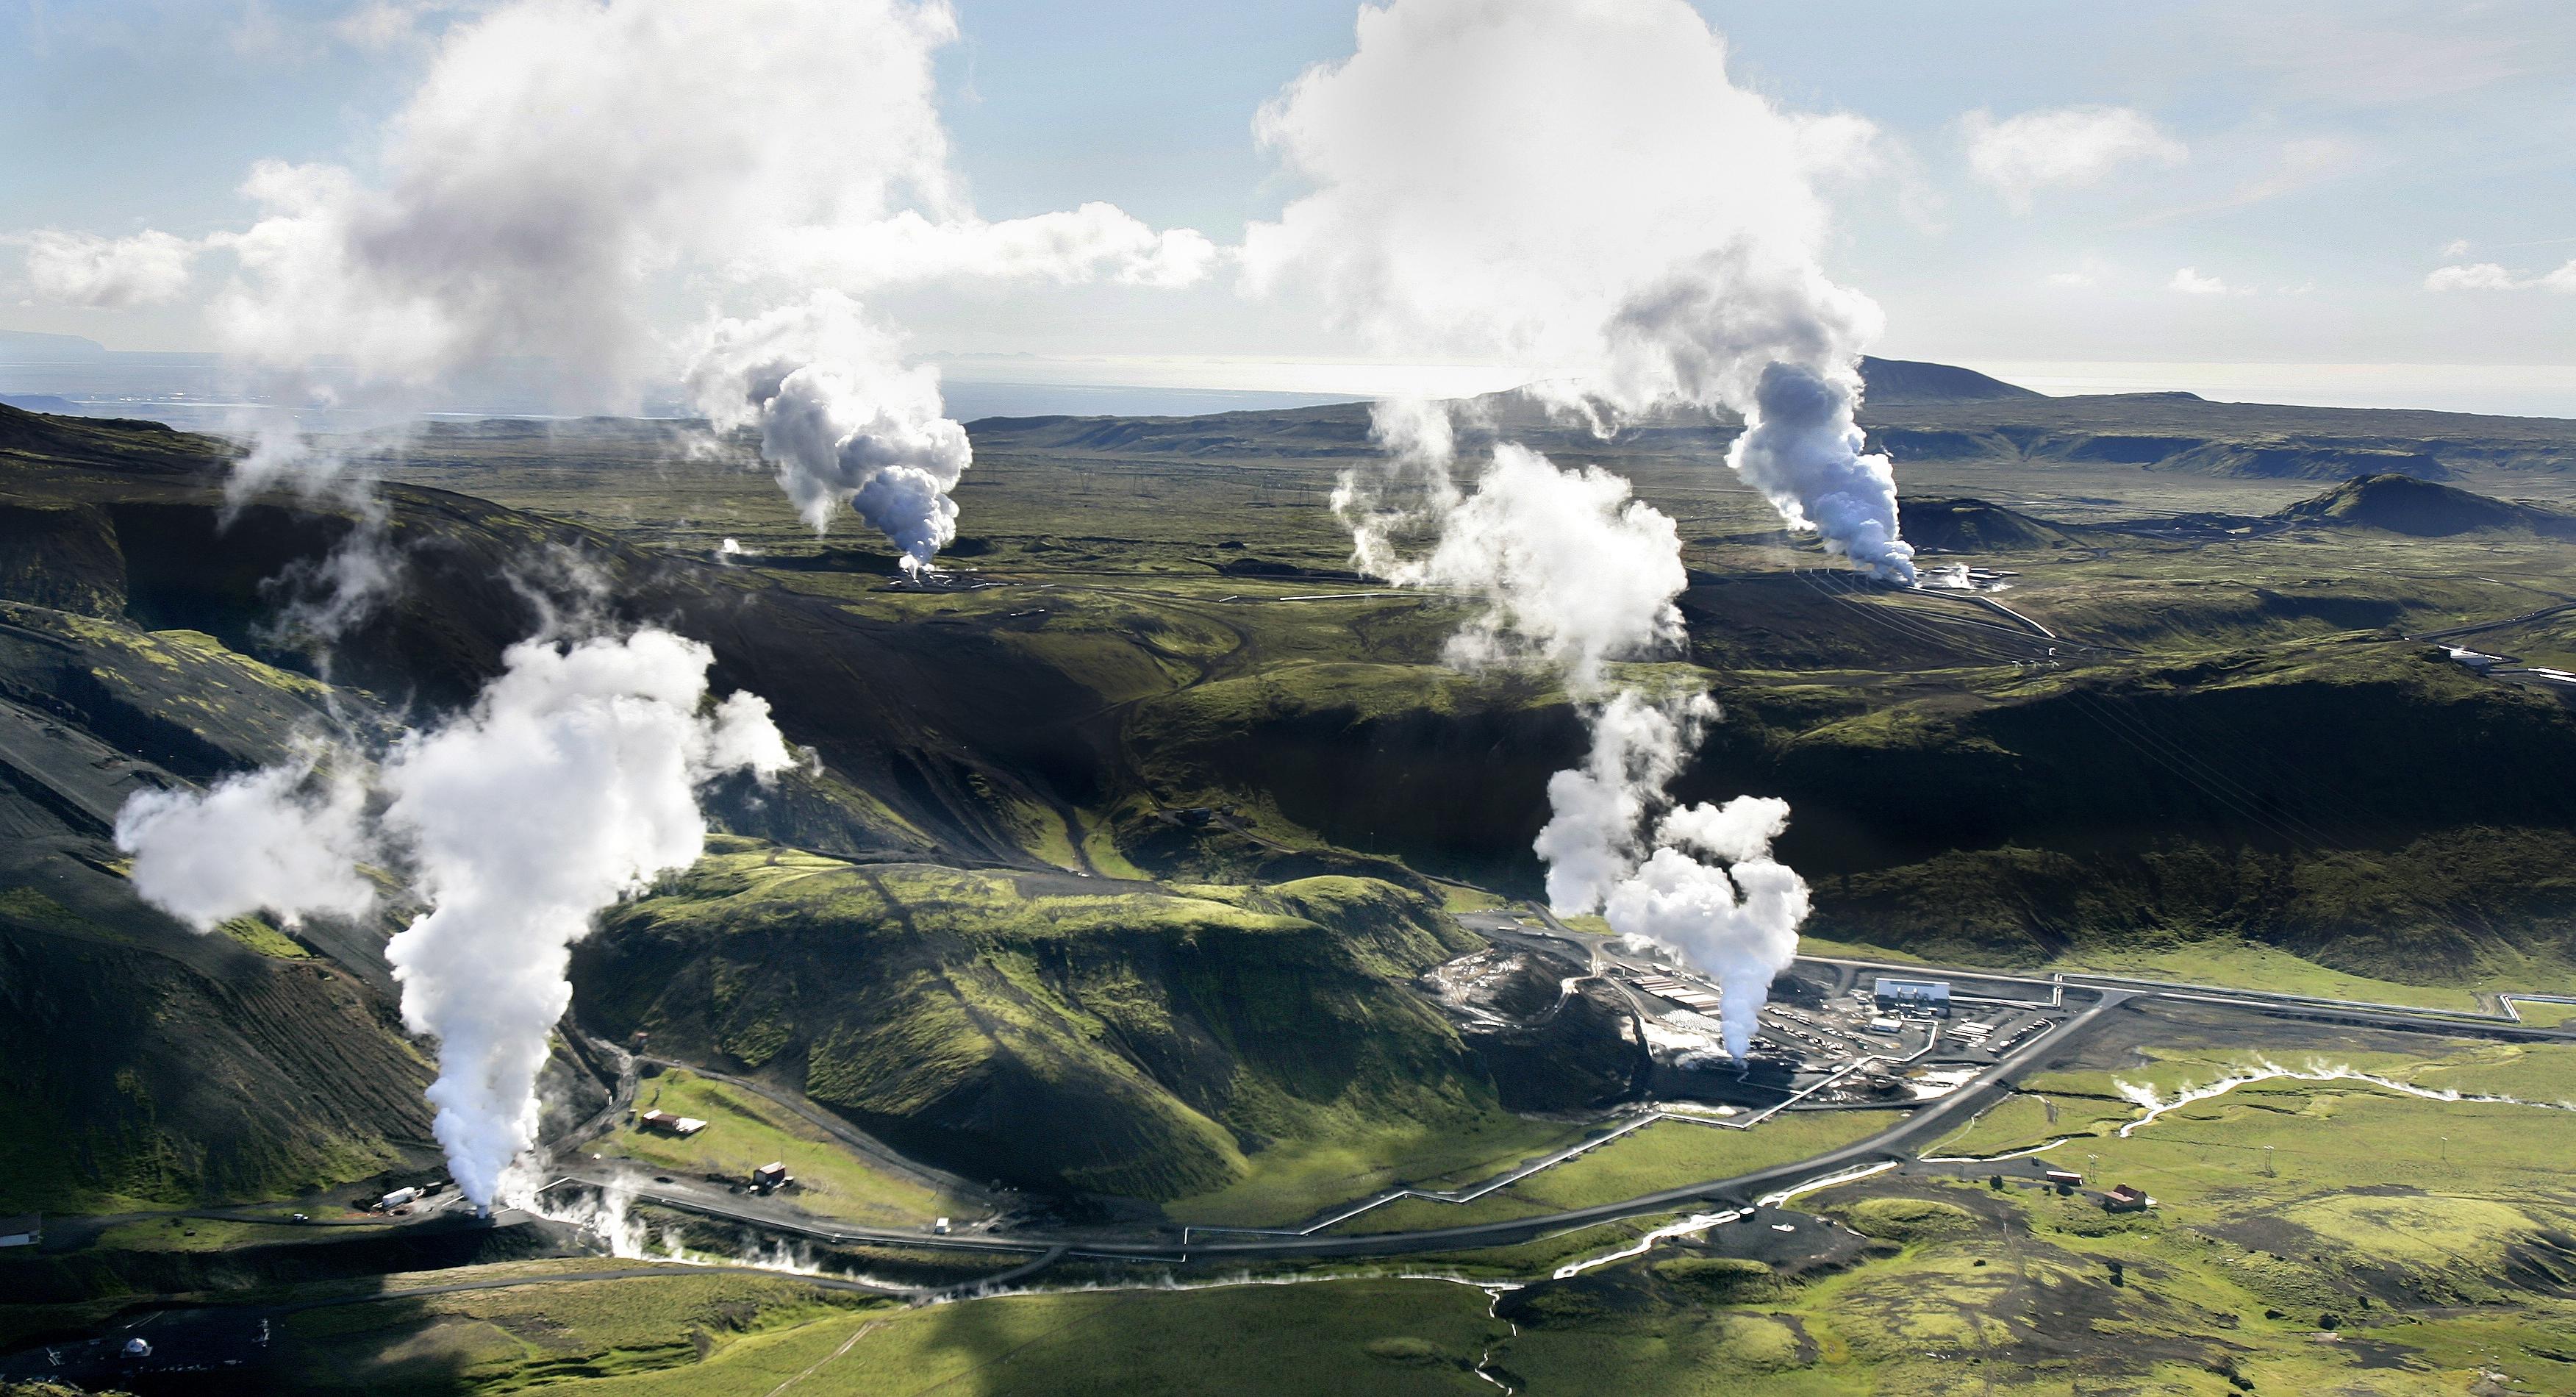 Geothermal Energy raetur_jardhita